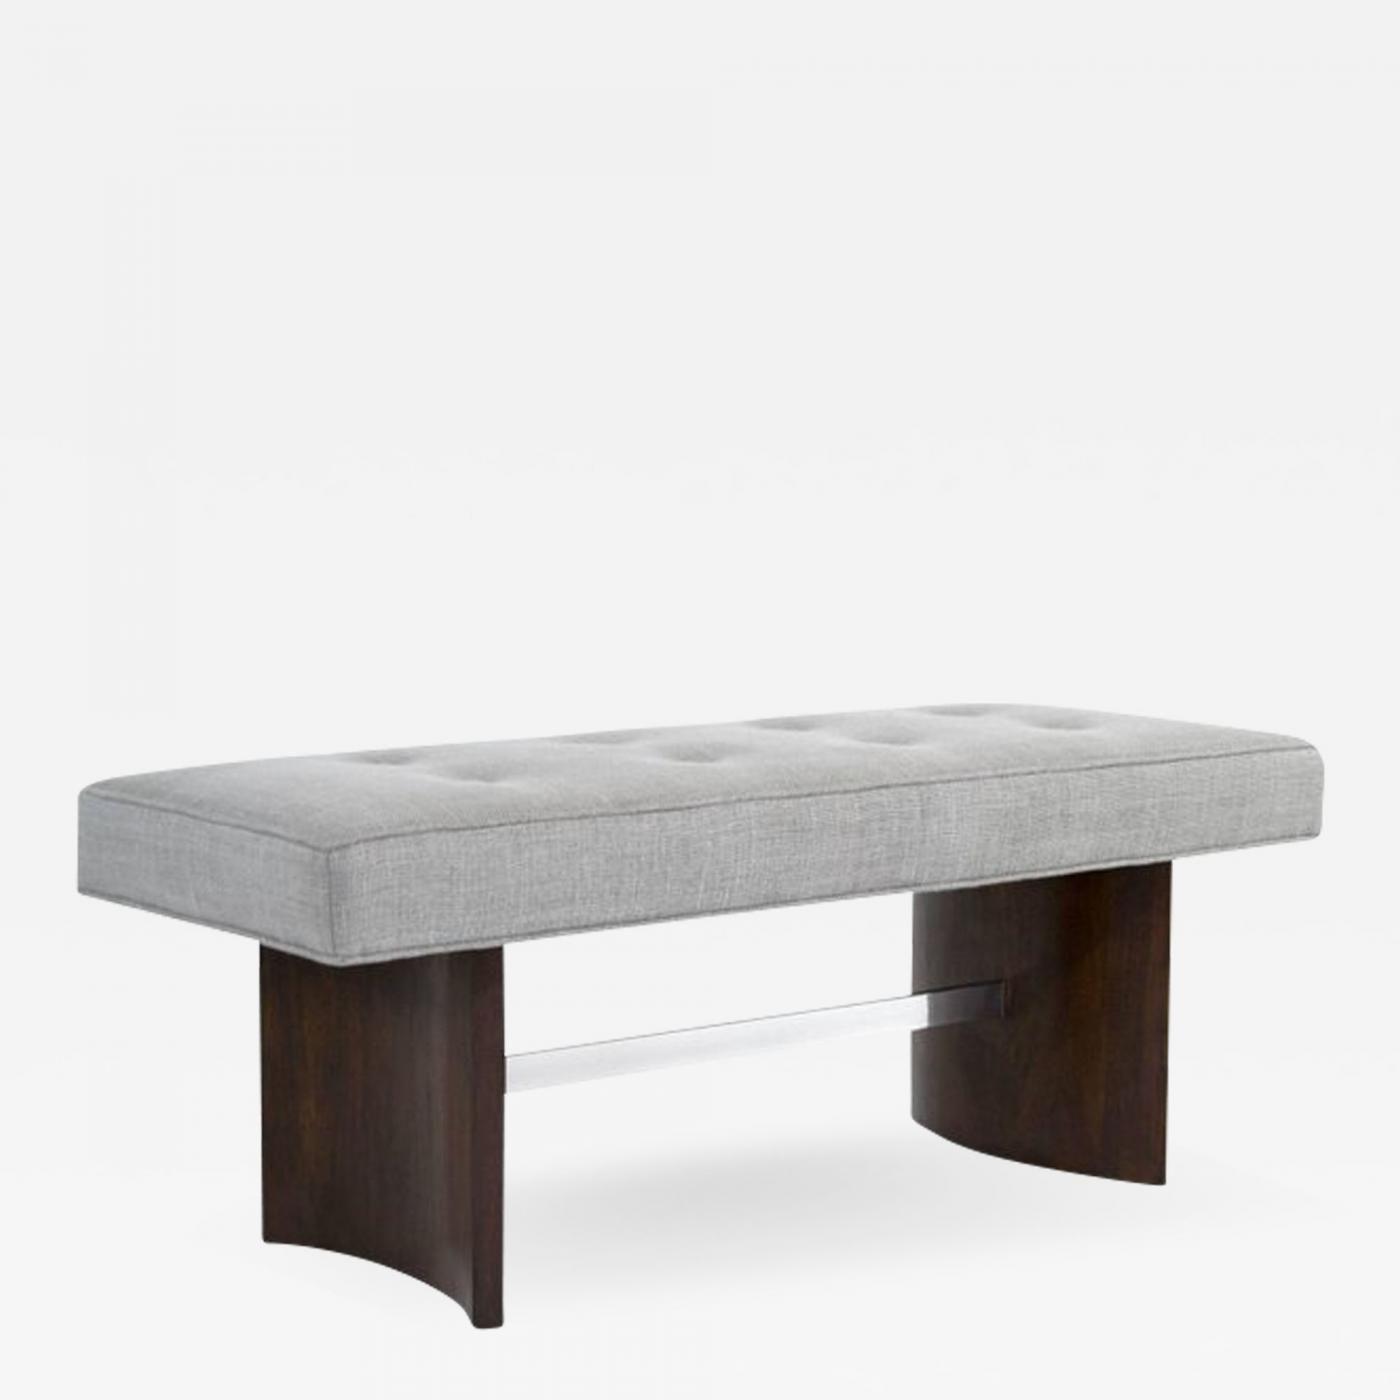 Vladimir Kagan Vladimir Kagan Radius Bench Offered By Stamford Modern On Incollect Bench Furniture Modern Furniture